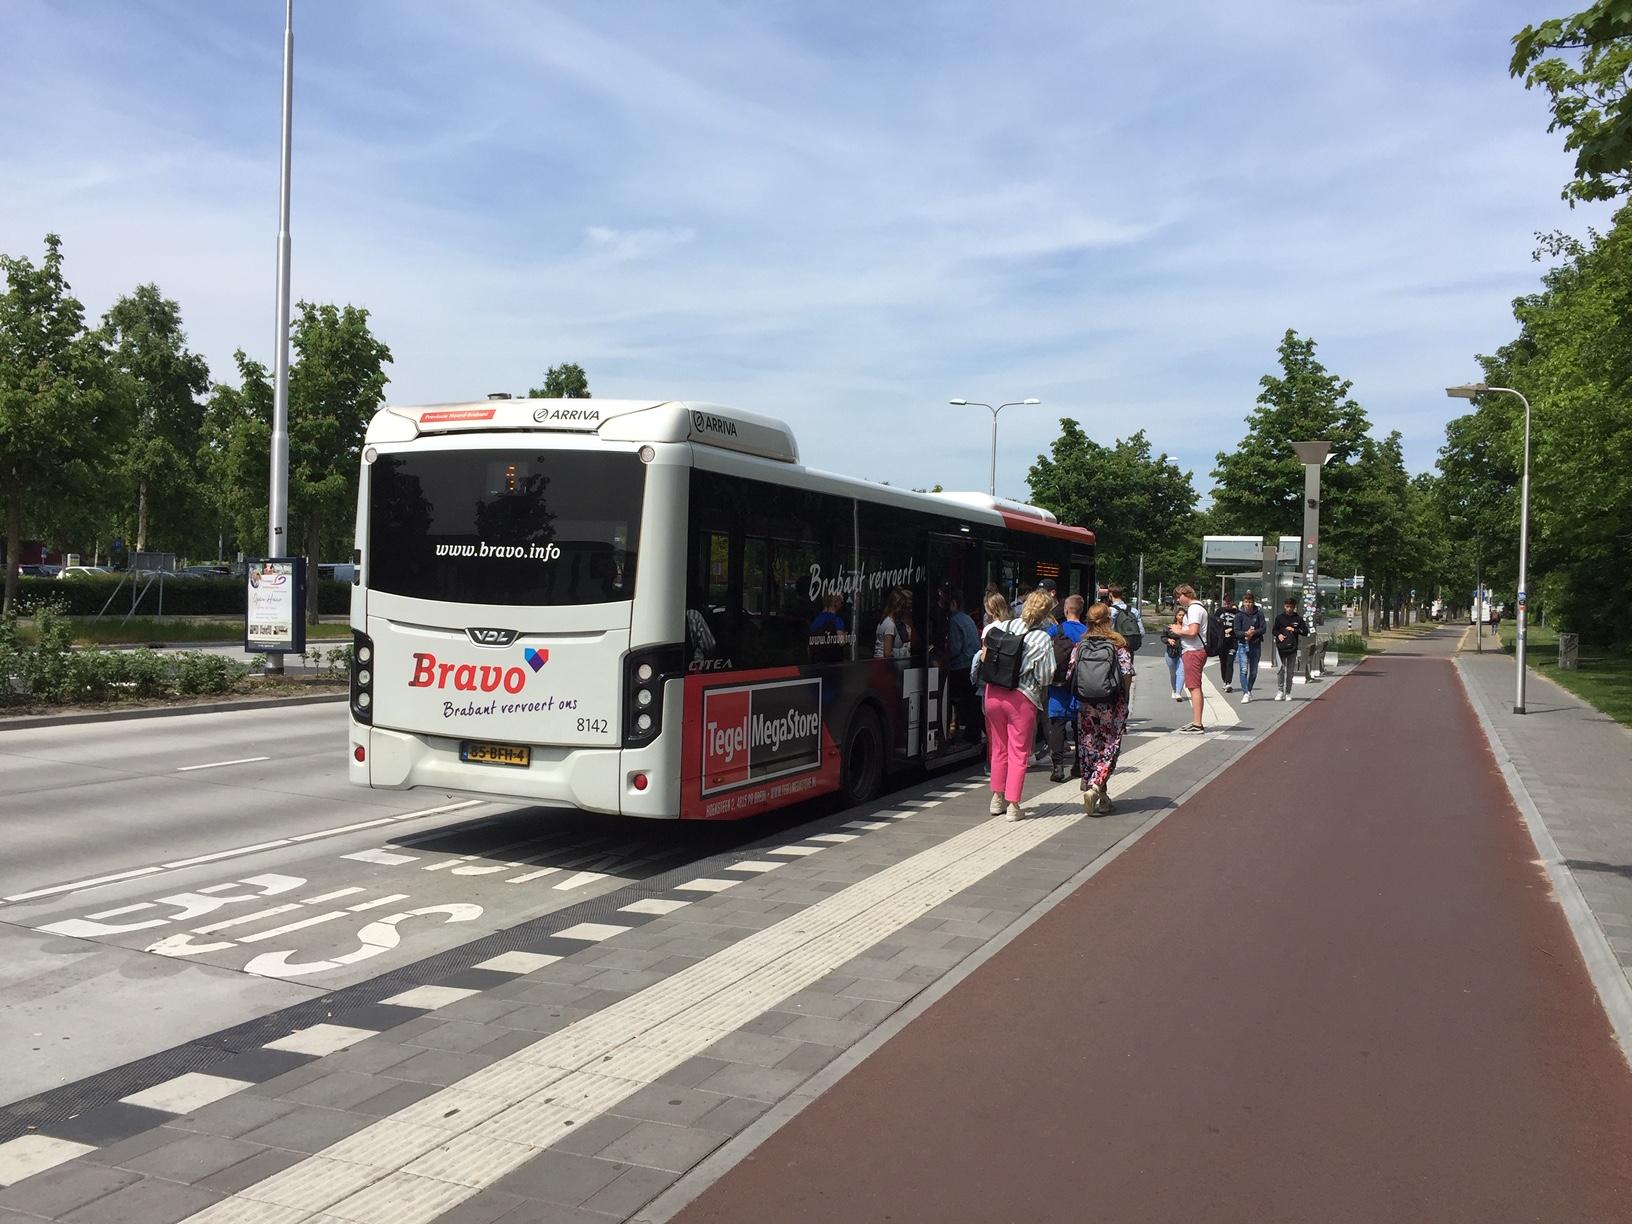 De NSE zorgde er eerder voor dat er in Eindhoven een extra busverbinding naar de campus kwam.